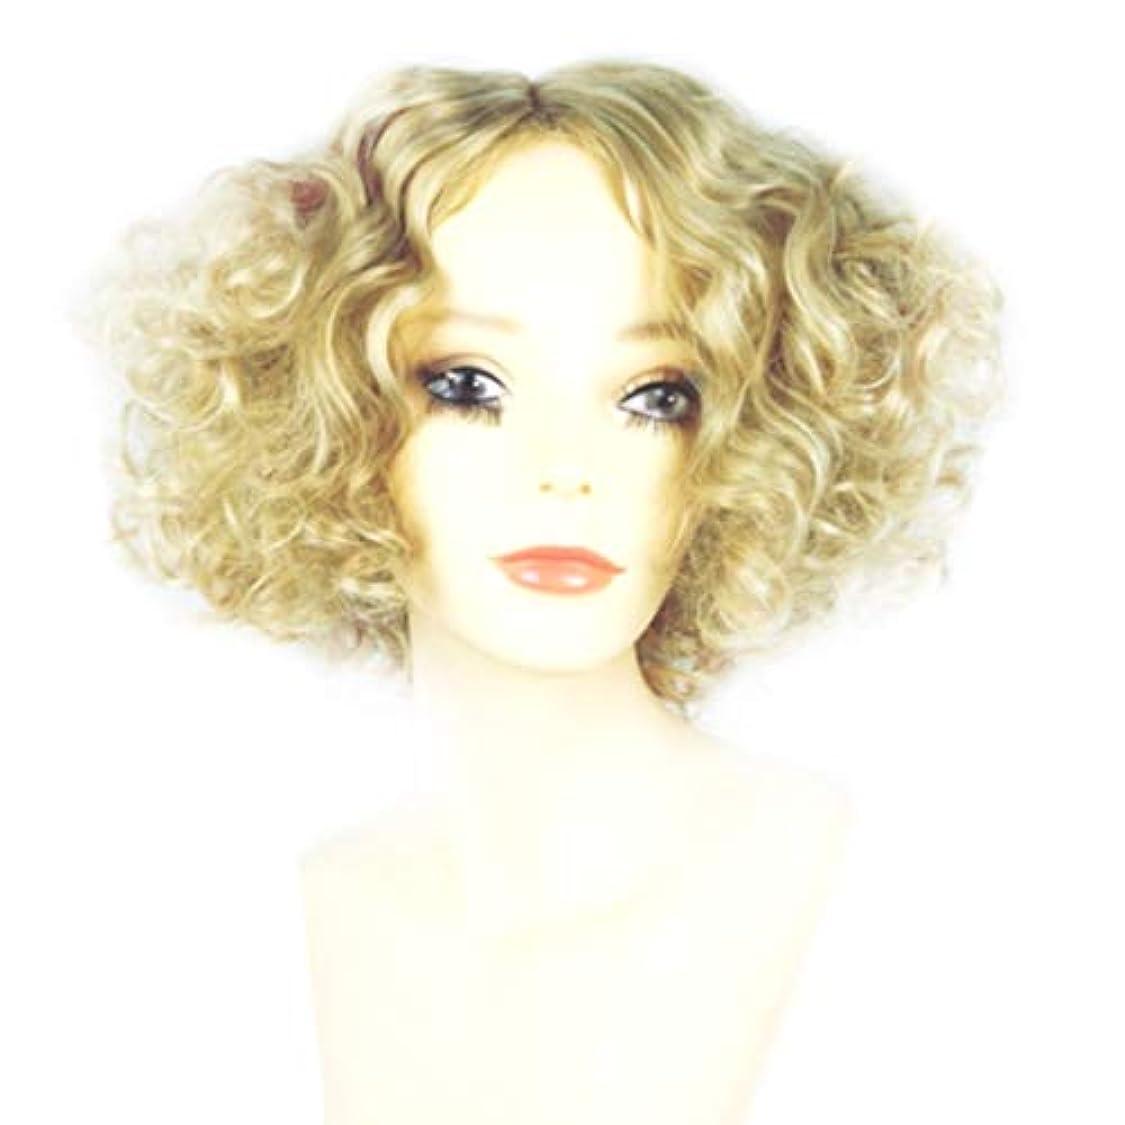 フルーティーオーストラリアコンサルタントKerwinner 女性のための短い巻き毛のかつらブロンドのボブの髪かつら自然に見える耐熱合成かつら